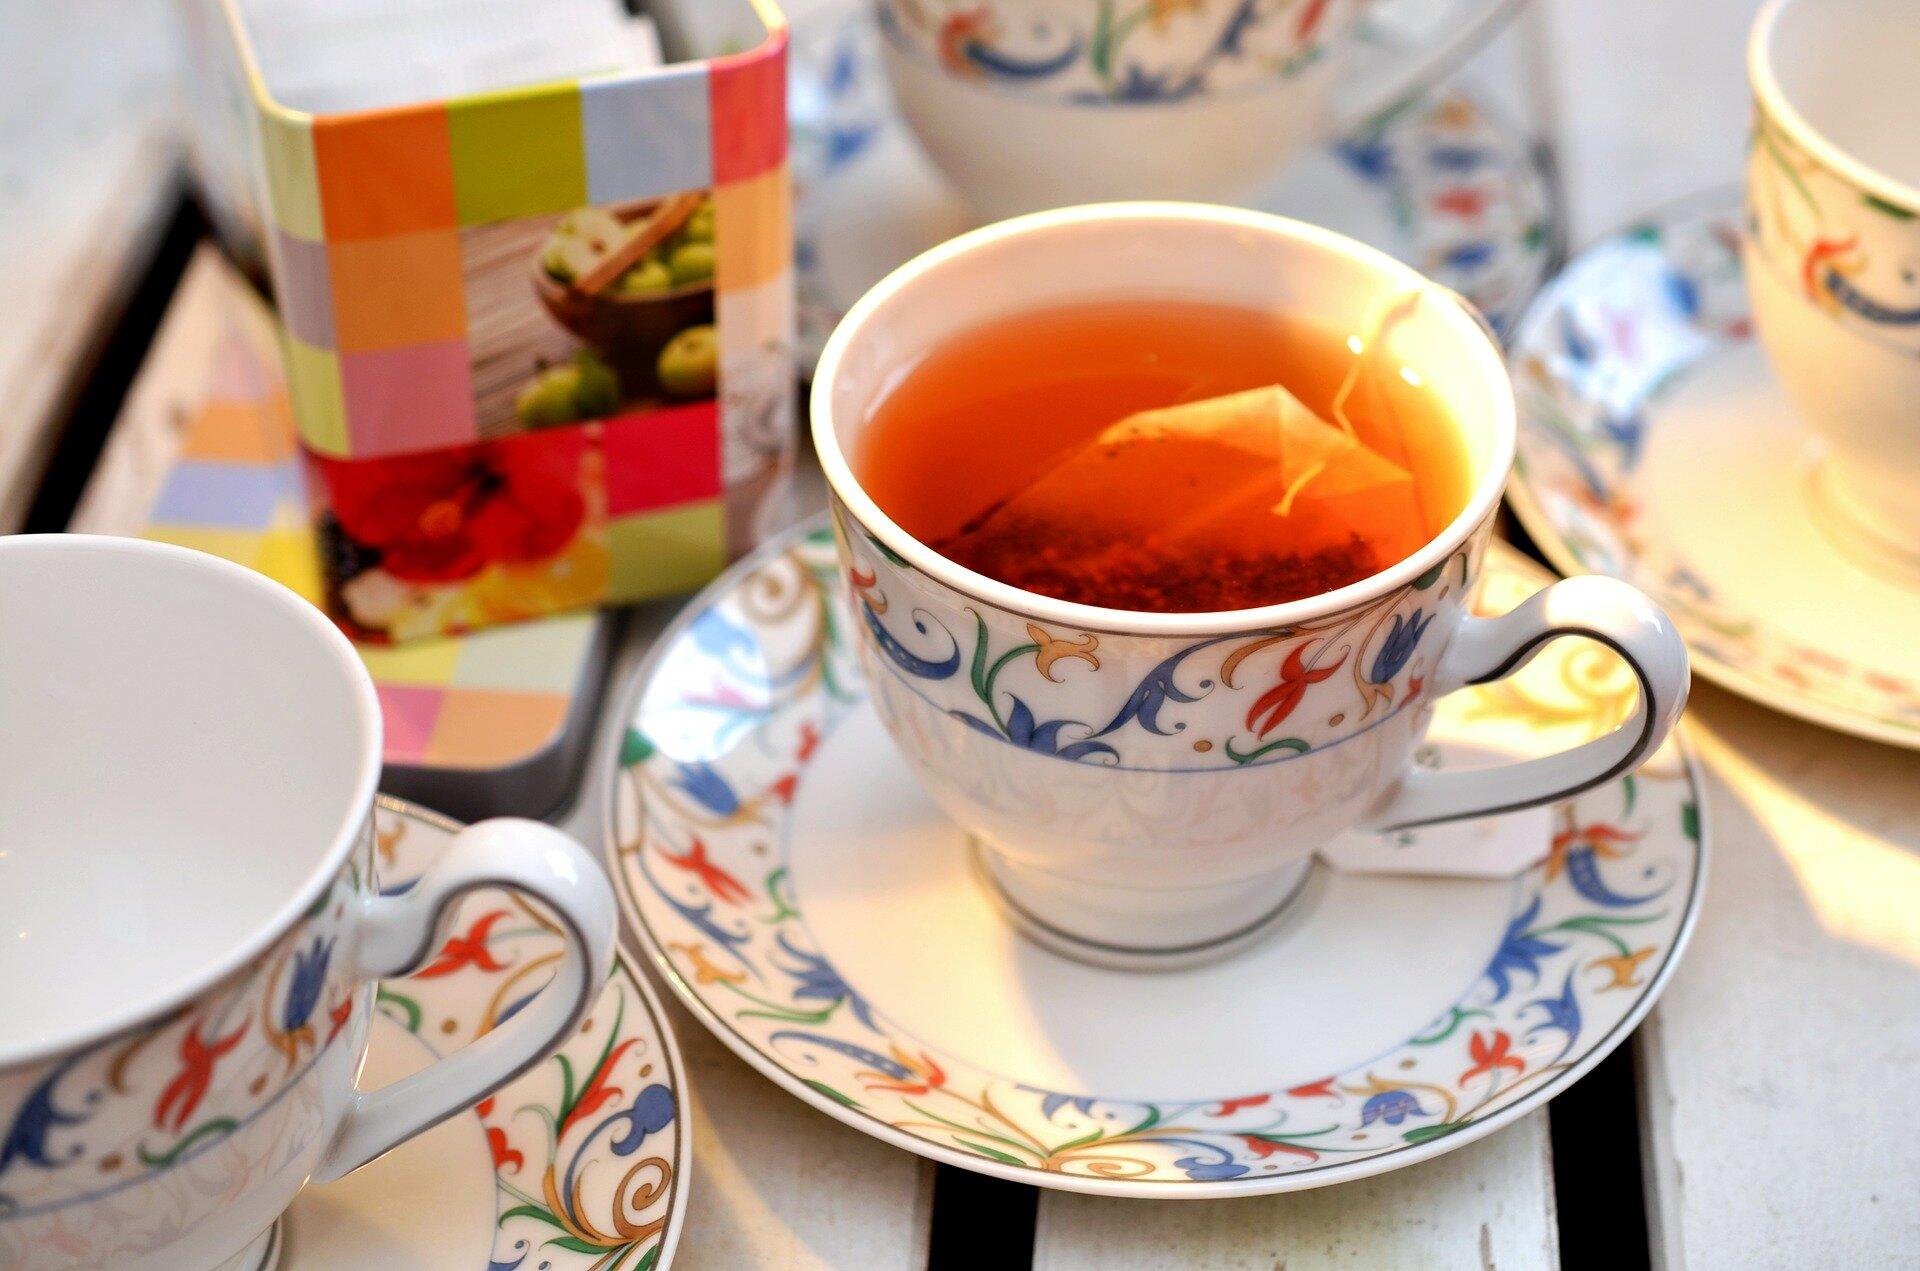 Fotografia prezentuje filiżankę zparzącą się wniej herbatą